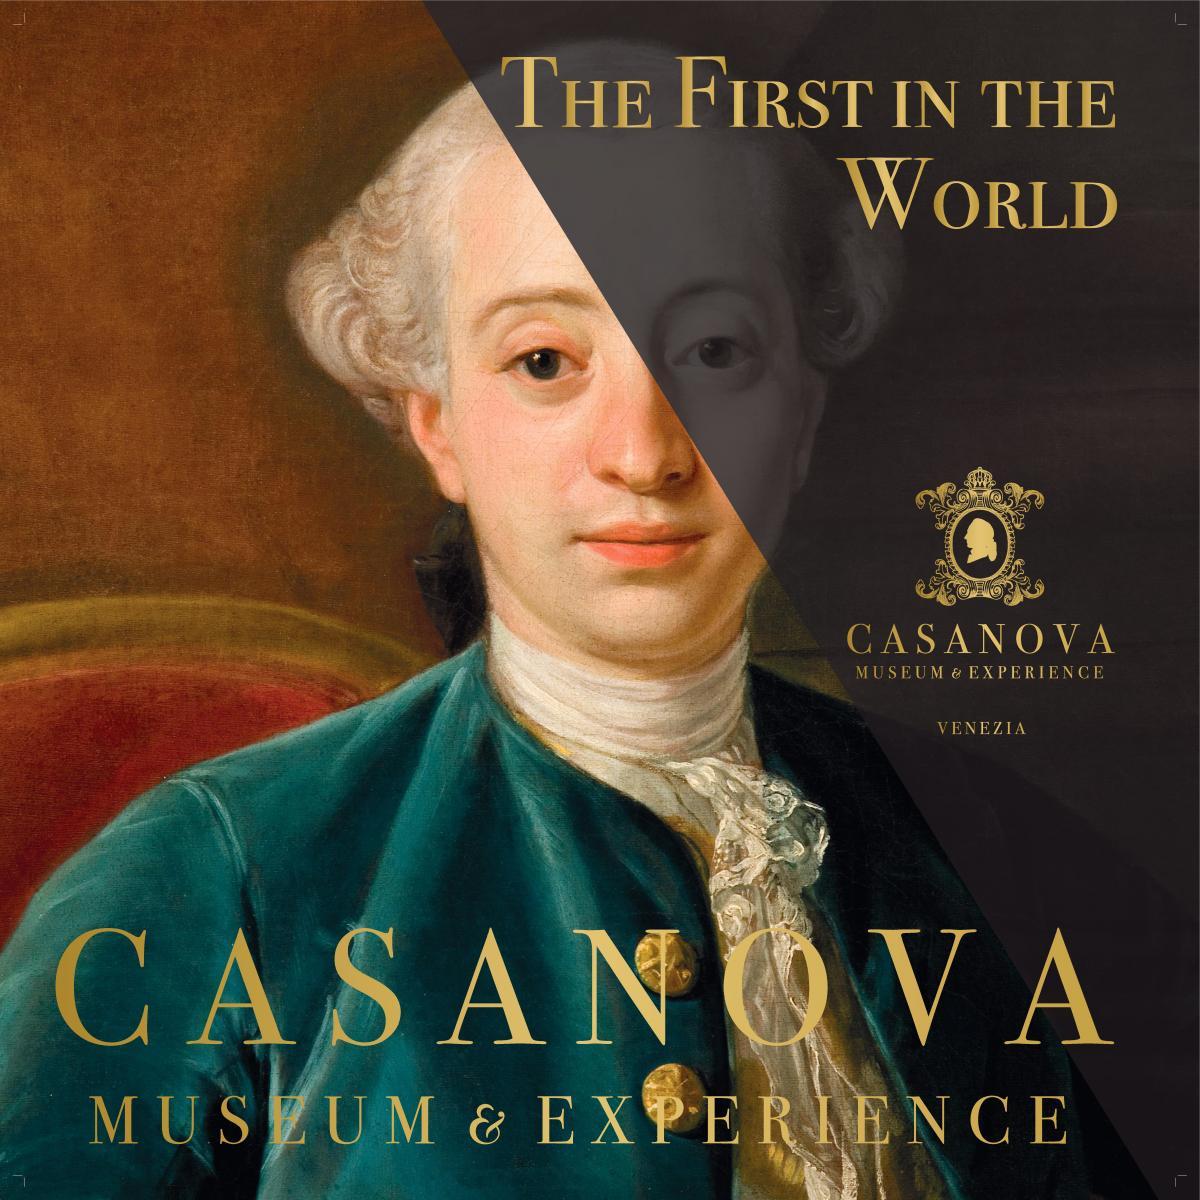 CASANOVA MUSEO&EXPERIENCE